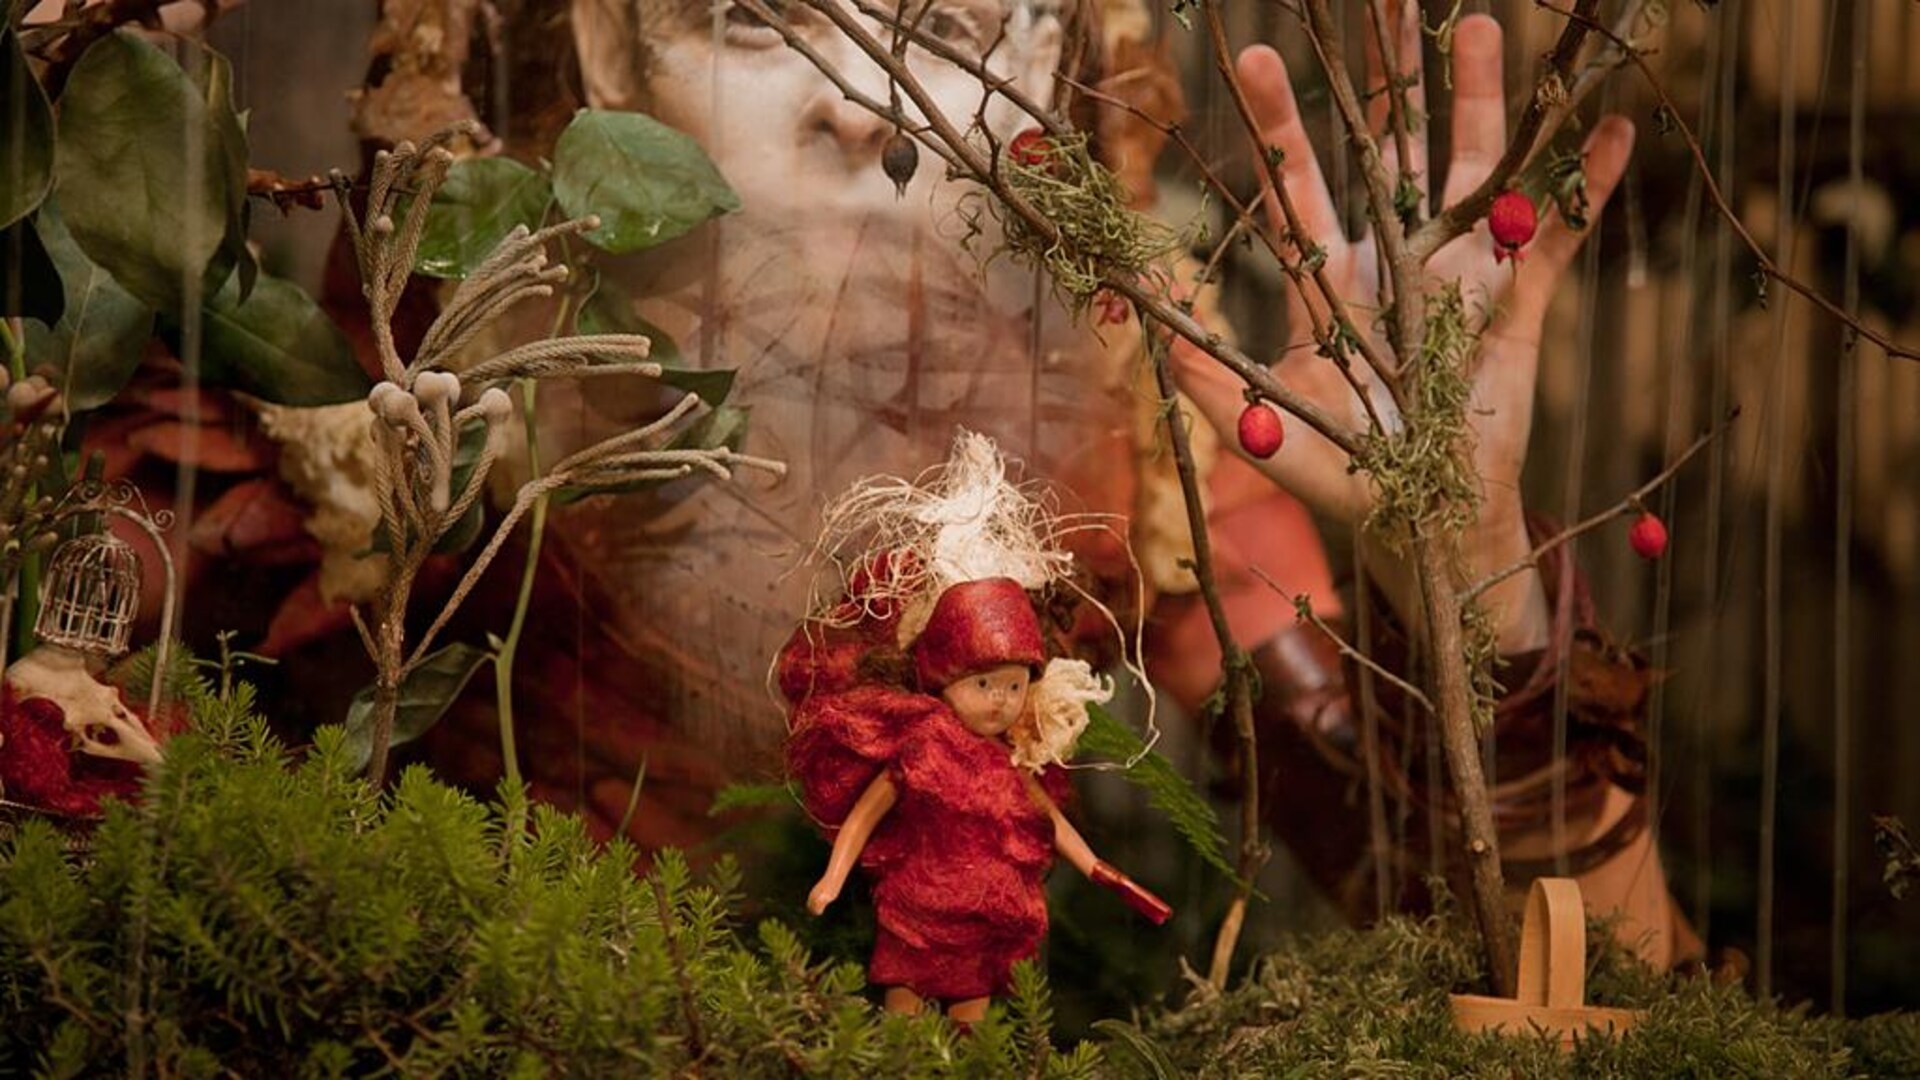 Photographie du personnage de Perséphone créé par Nicole Dextras entouré de matières naturelles.